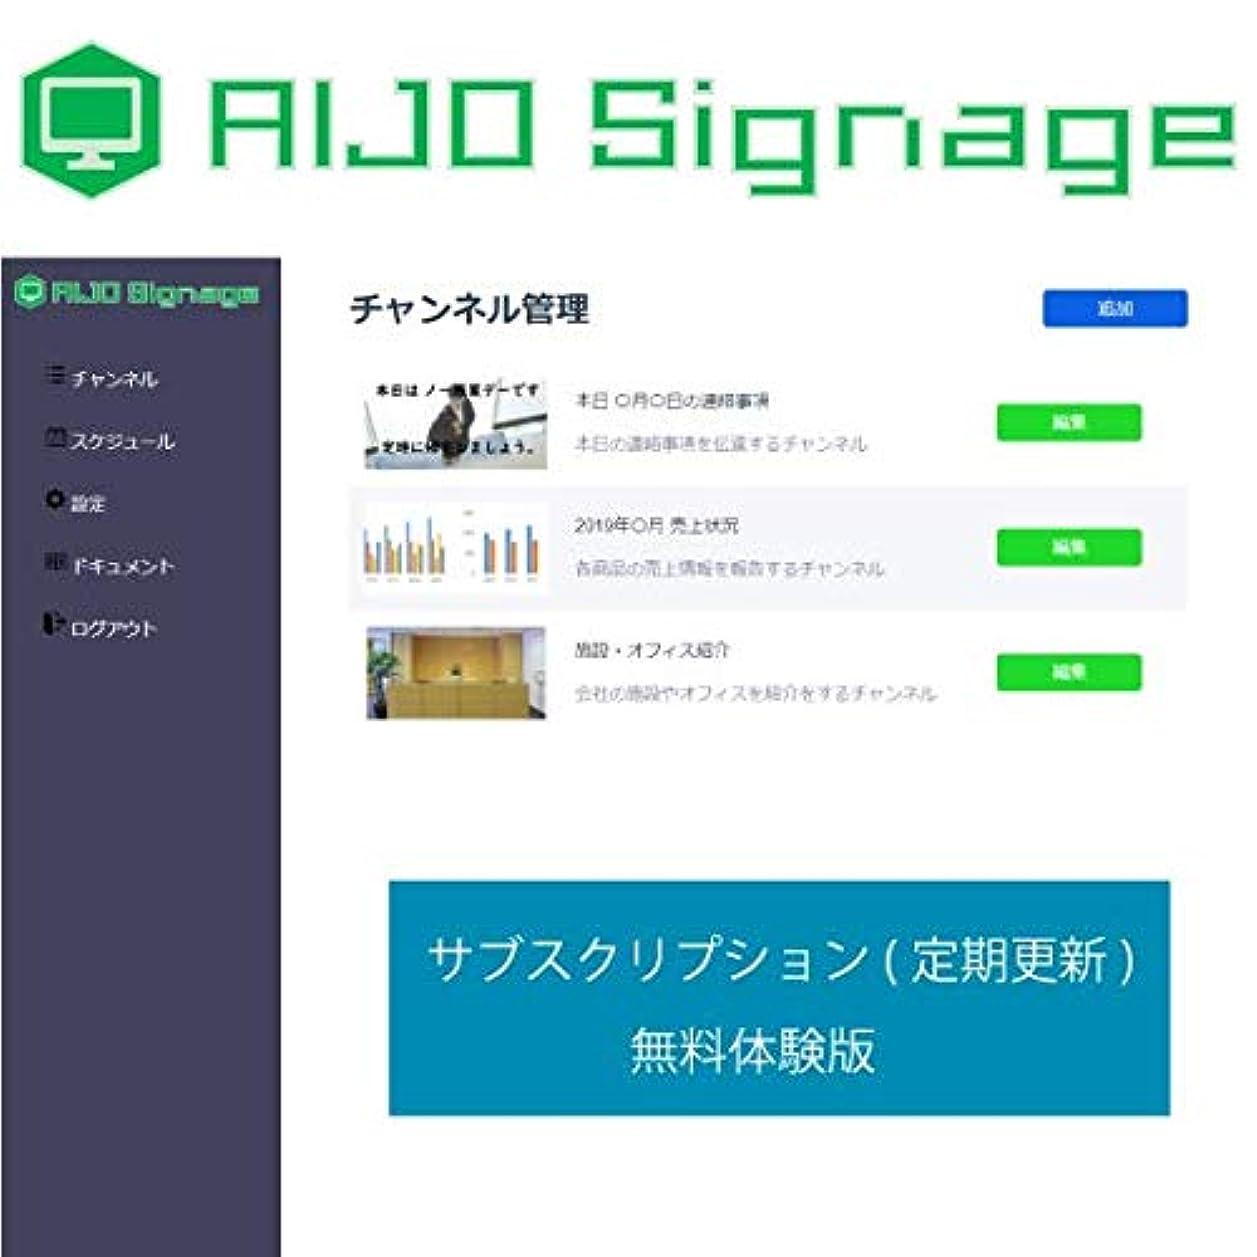 ペルメル第決済AIJO Signage | 無料体験版| サブスクリプション(定期更新)